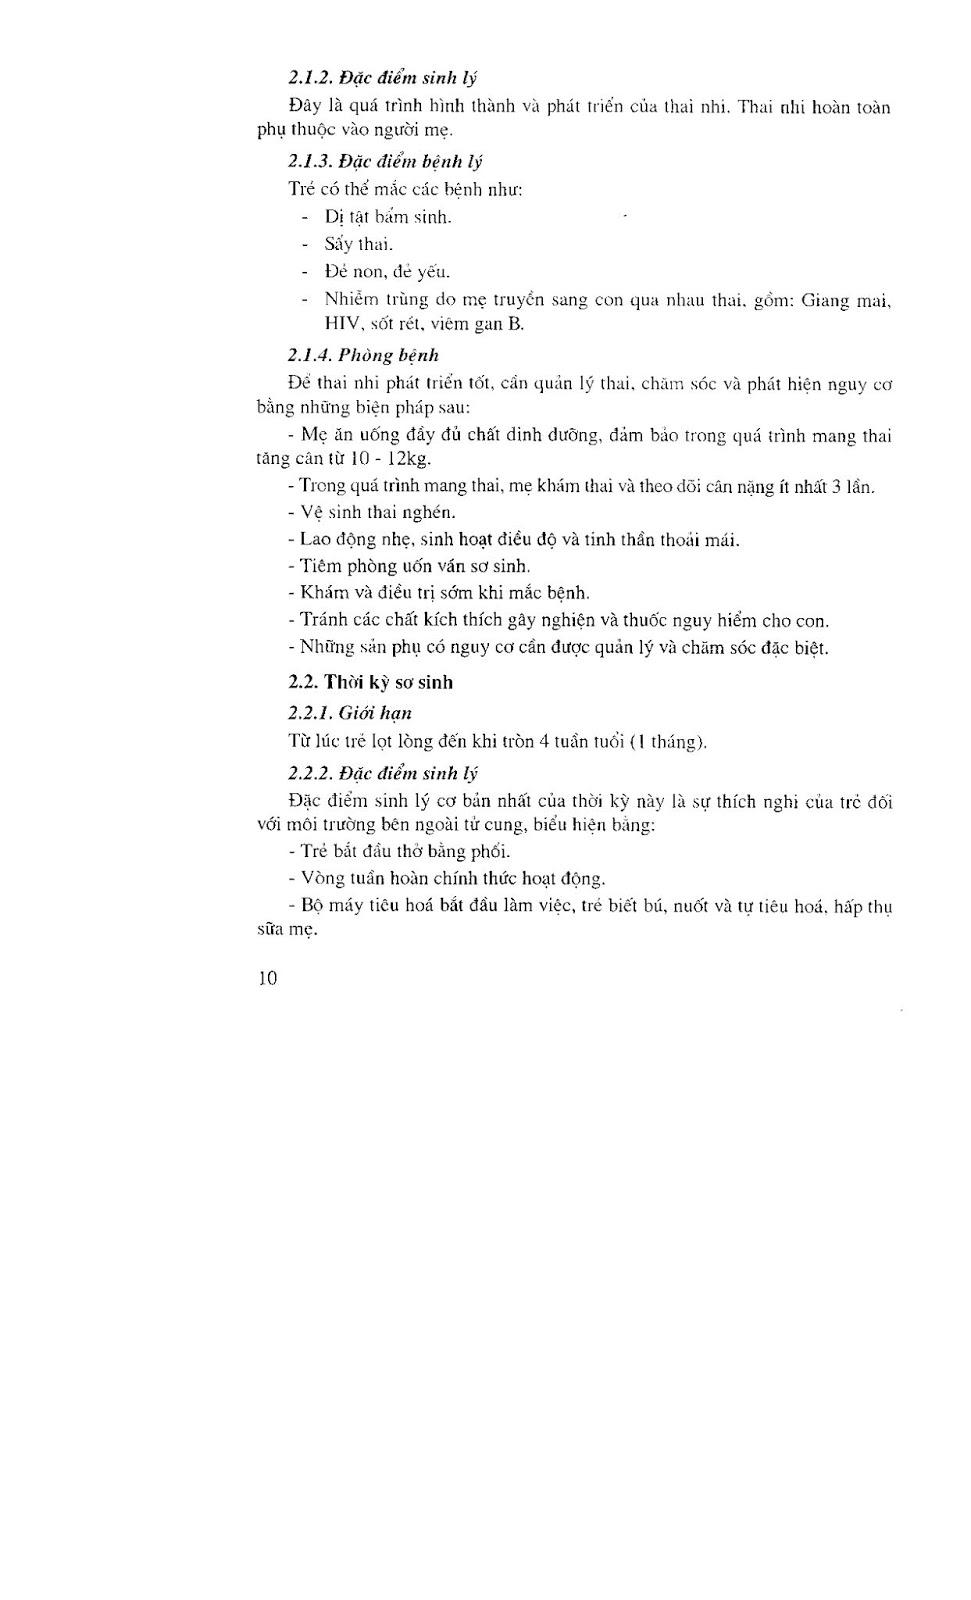 Trang 10 sach Giáo trình điều dưỡng Nhi khoa - NXB Hà Nội 2005